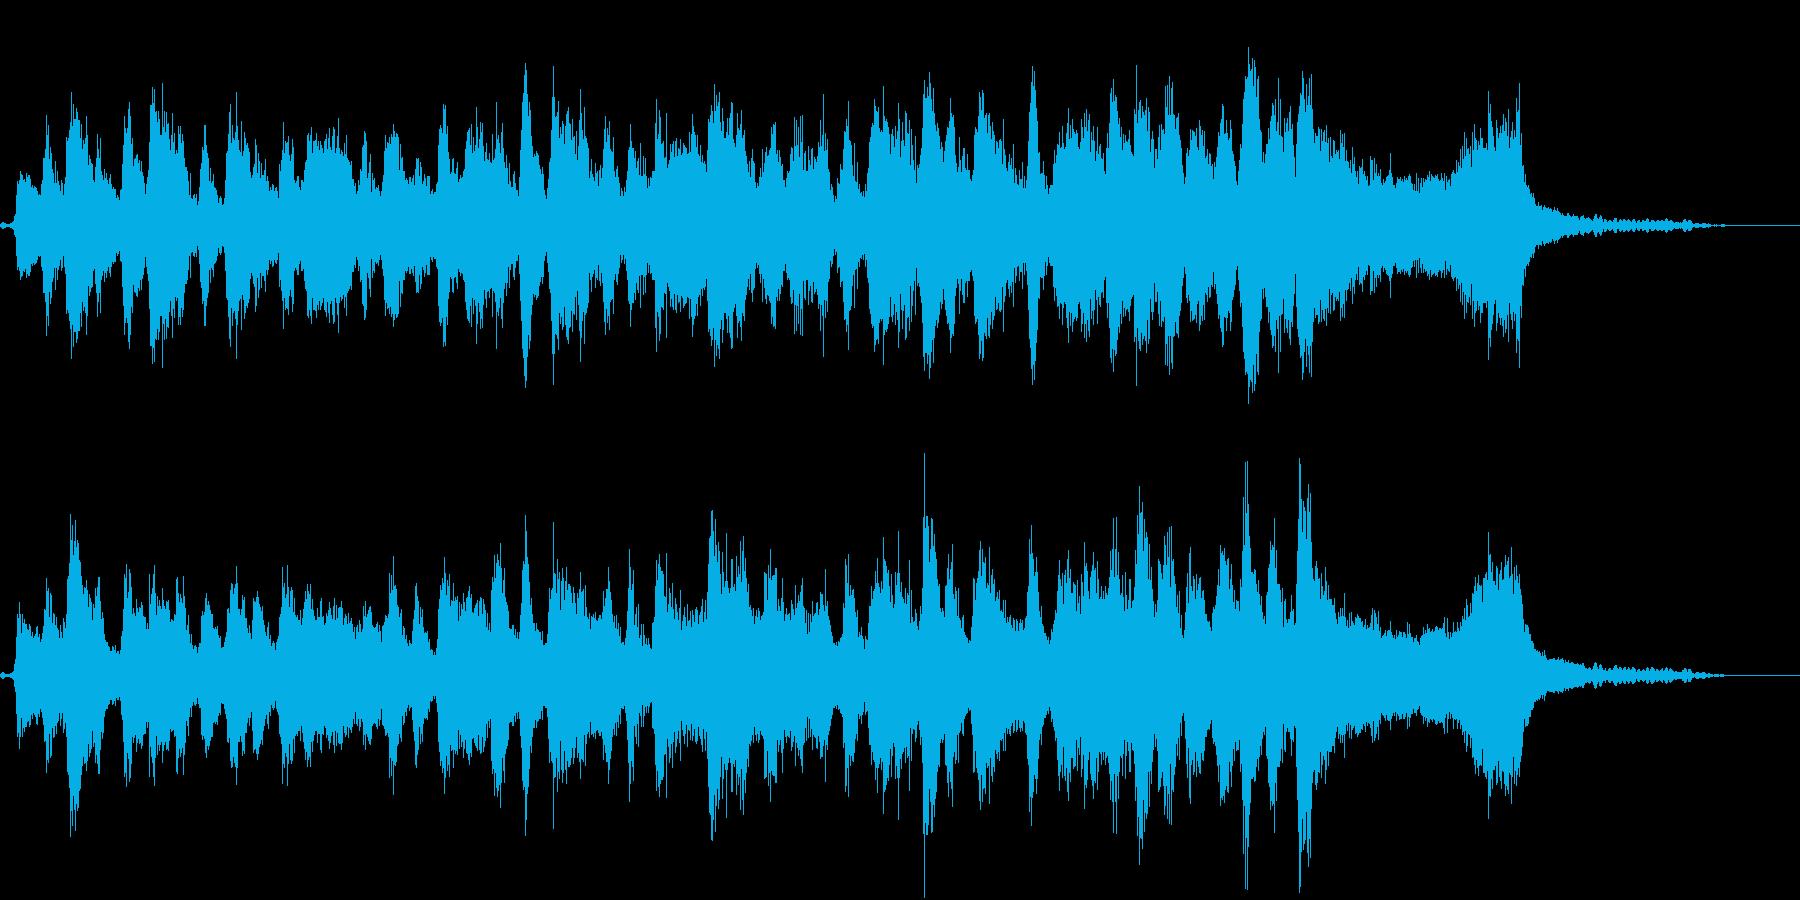 弦楽四重奏とピアノ、軽快感のあるジングルの再生済みの波形